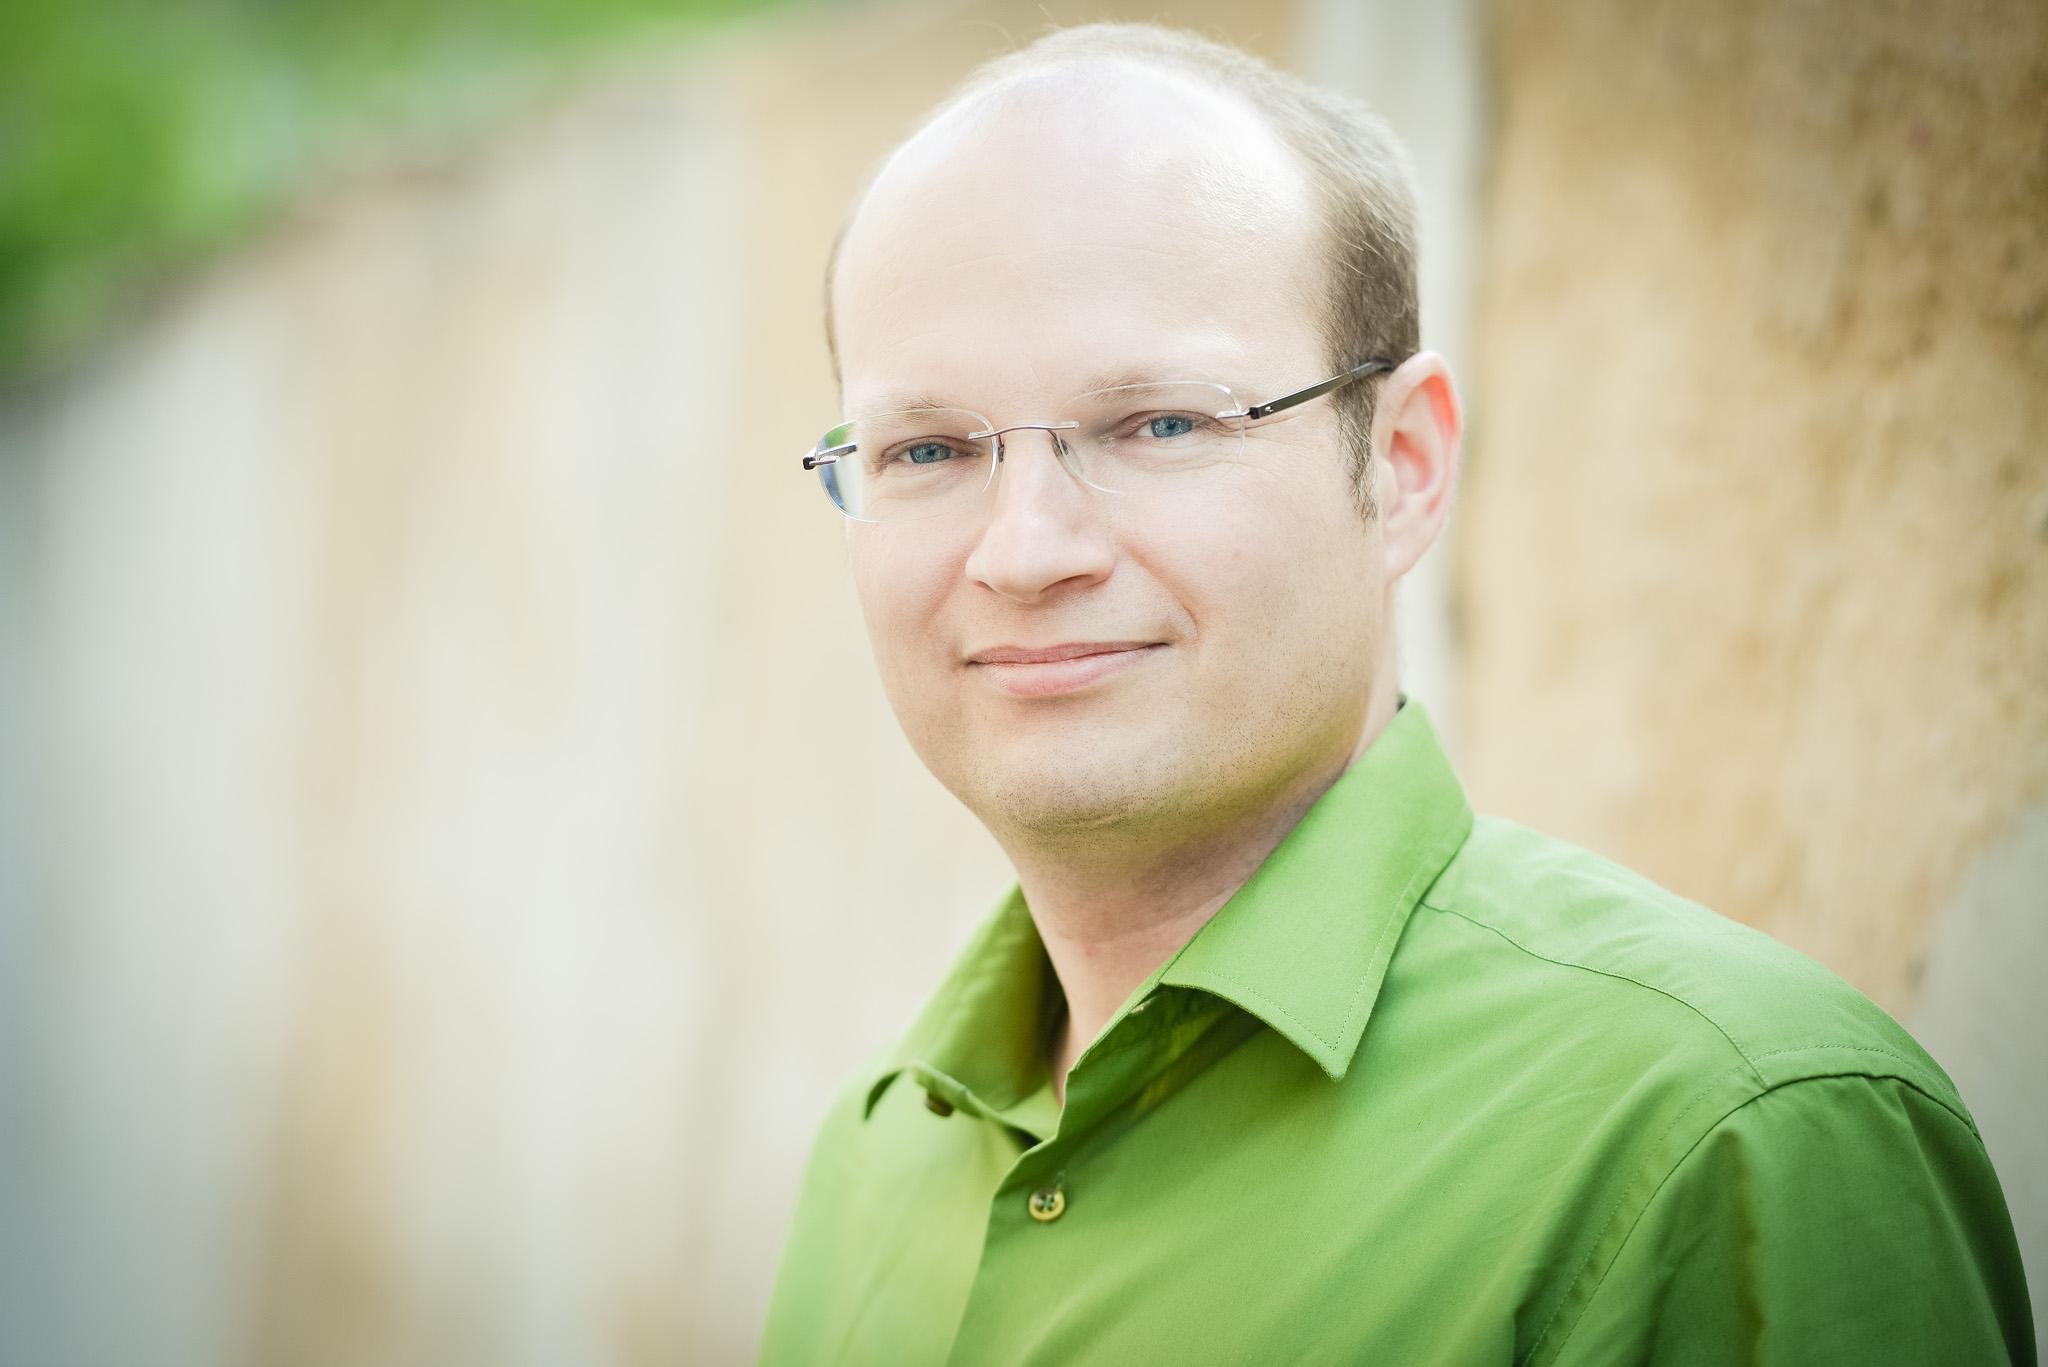 Michael Schütz ist neuer Vorstandsvorsitzender bei KonNet.